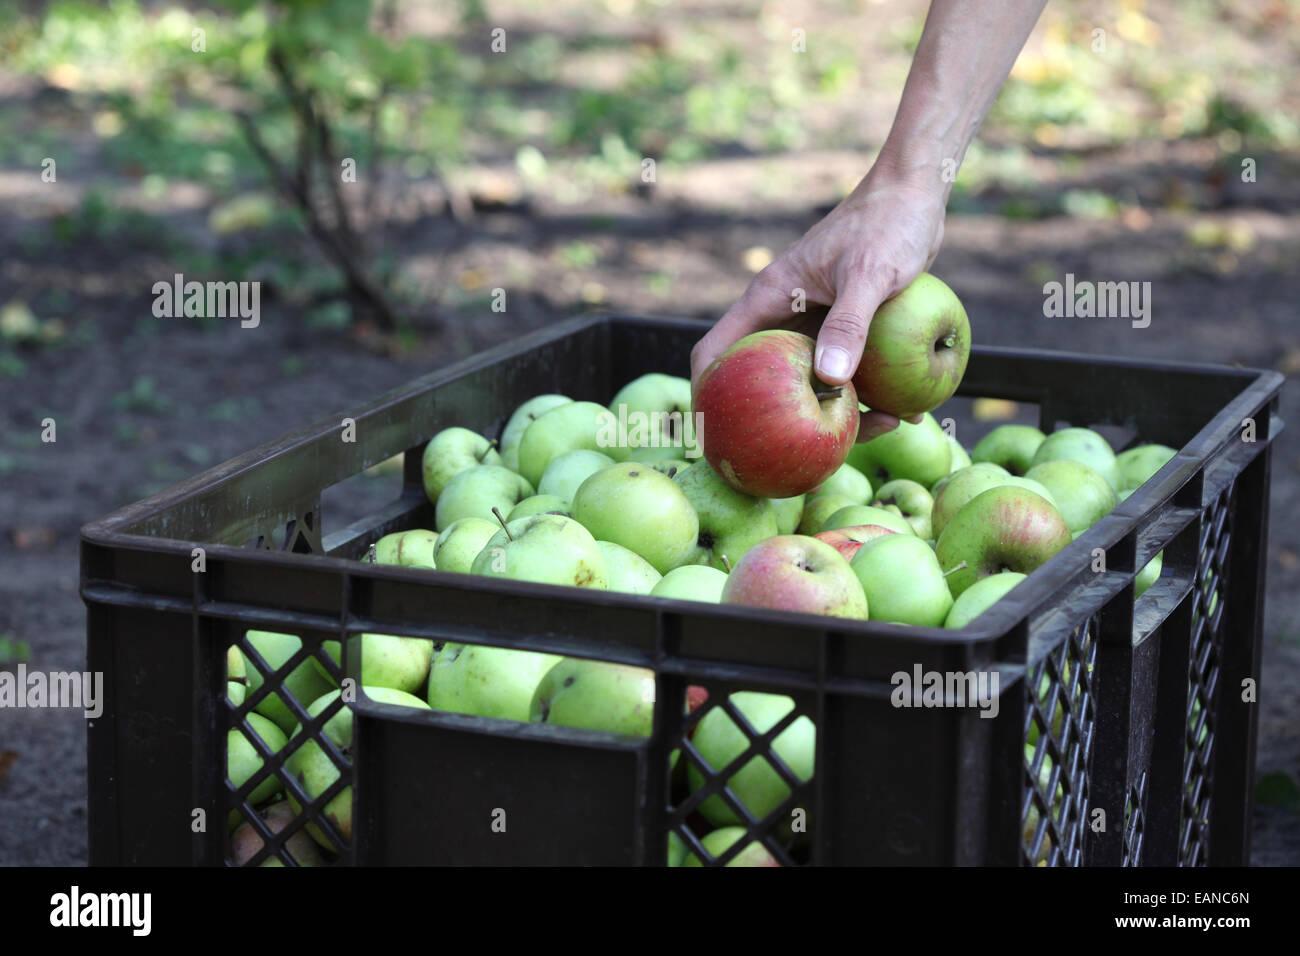 Primer plano de una mano recogiendo manzanas en un proyecto de horticultura urbana Imagen De Stock